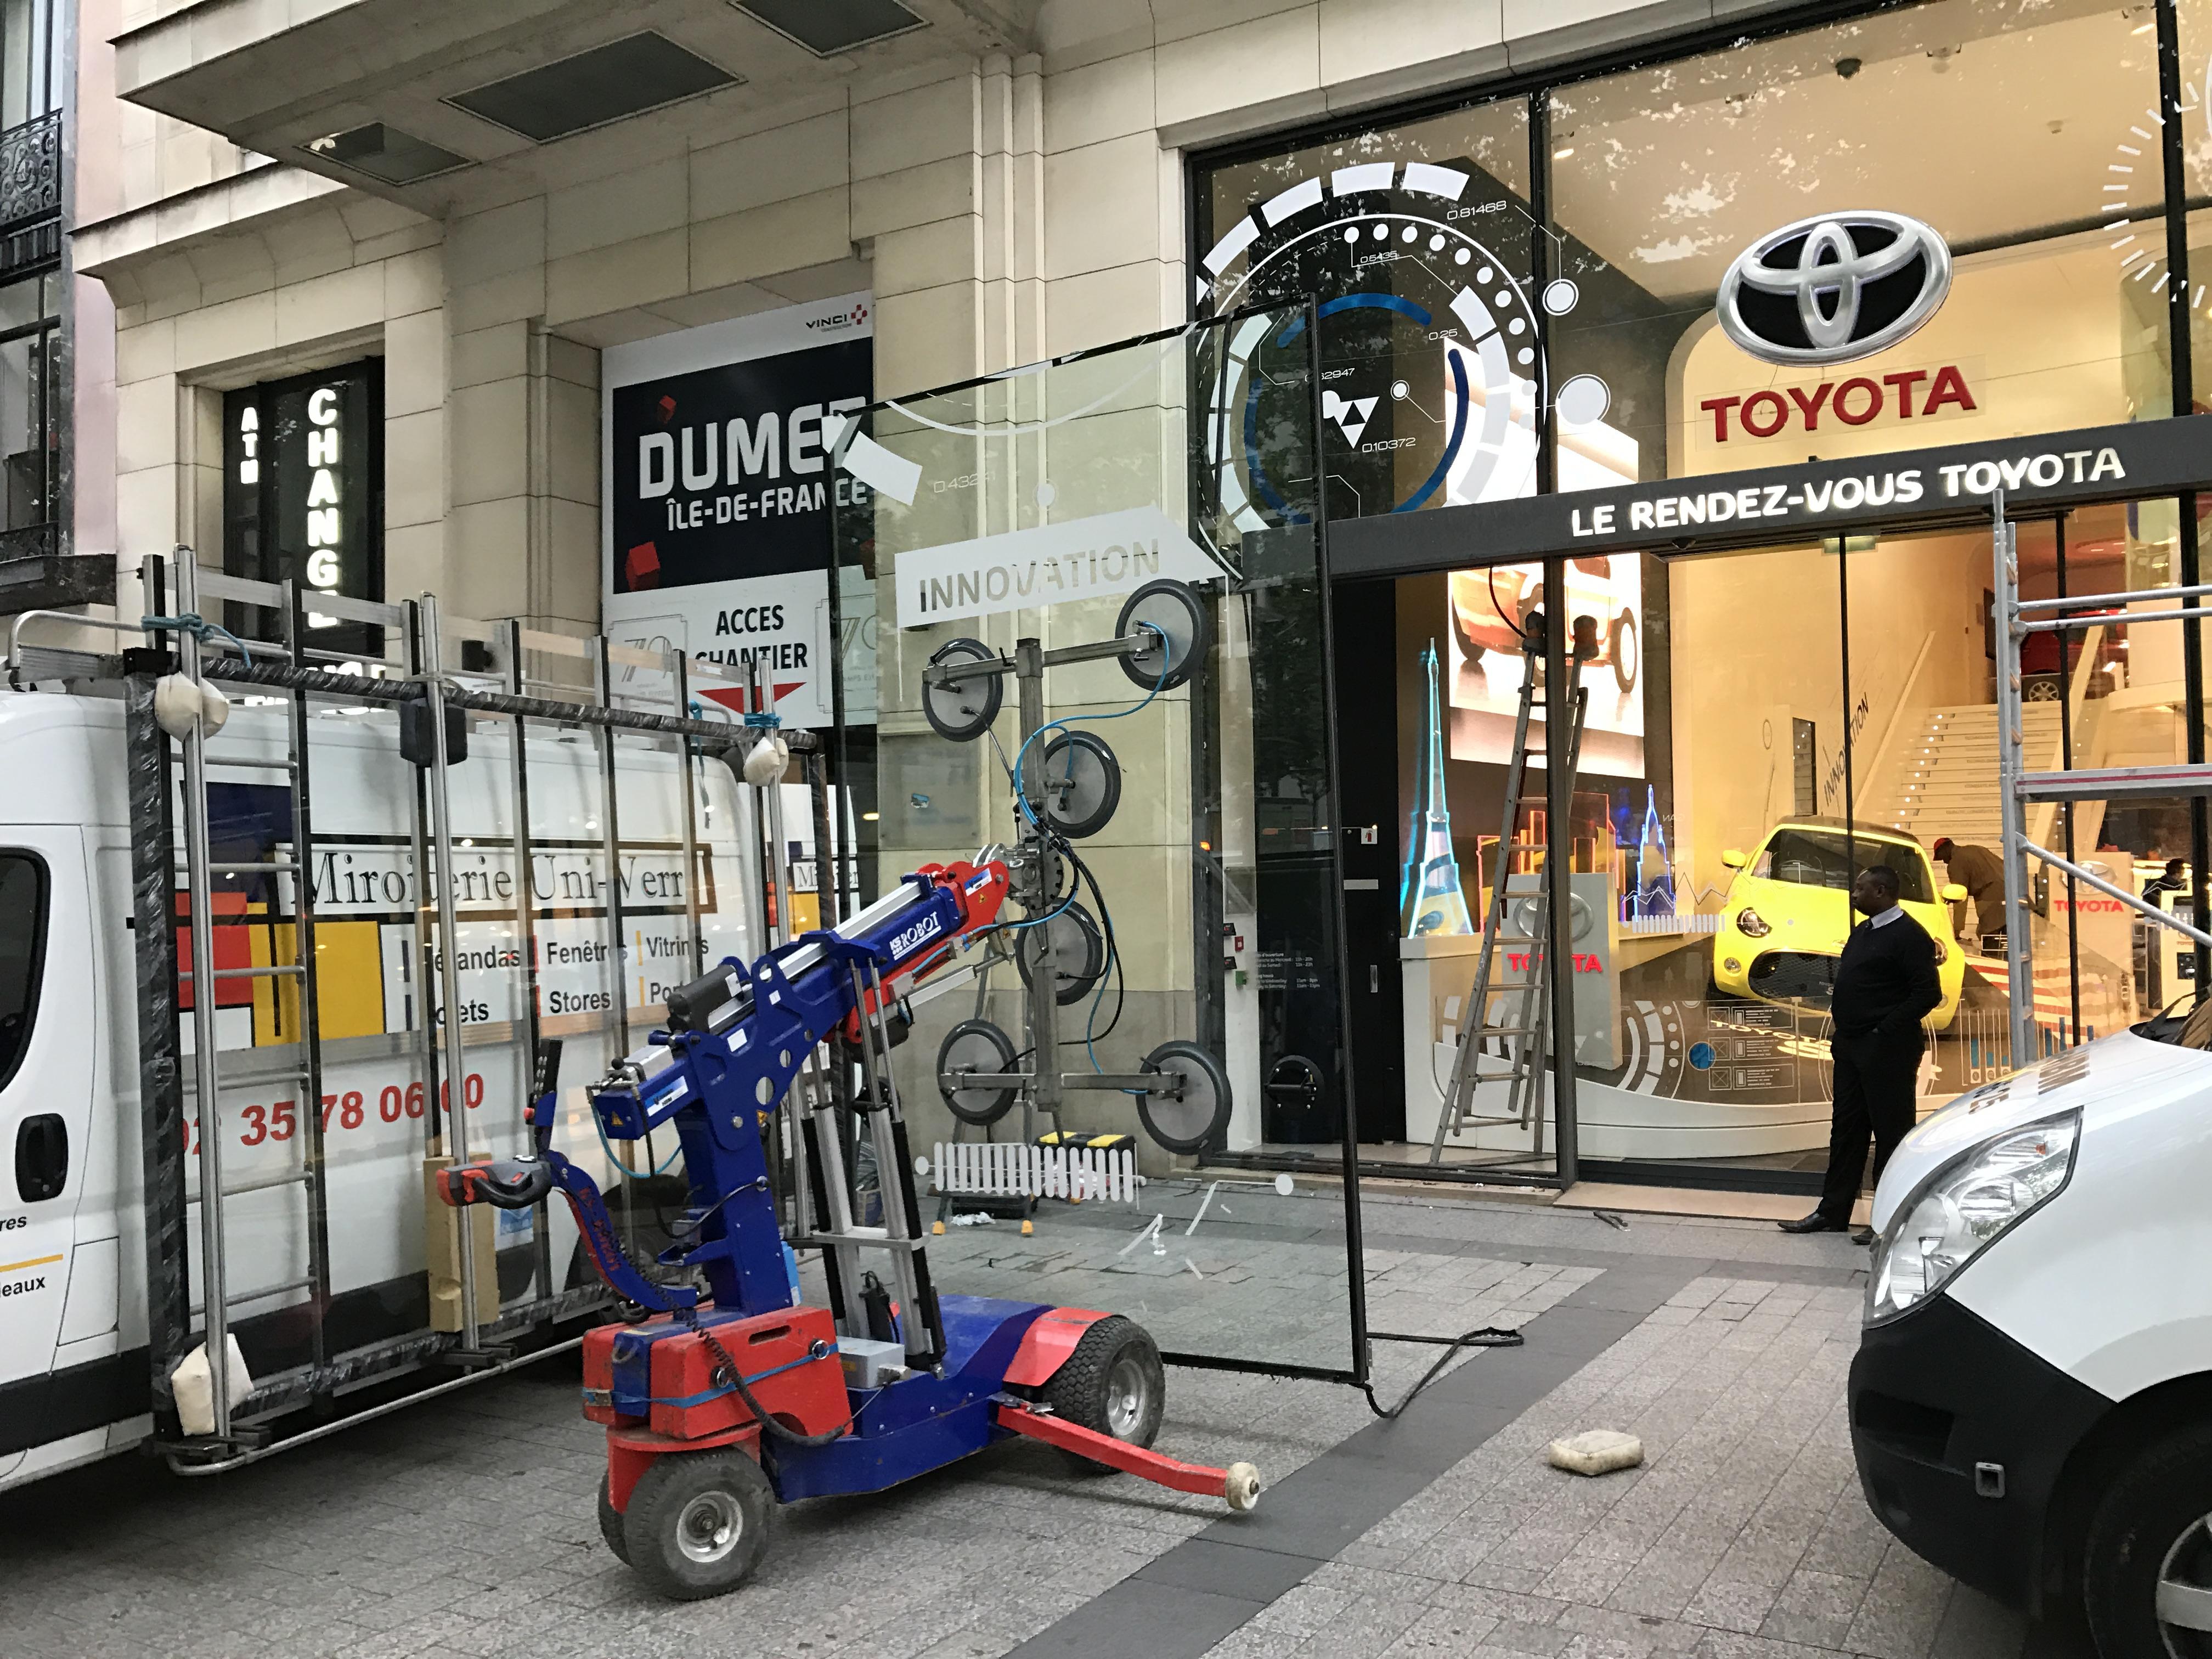 Remplacement de façade vitrée de la concession automobile TOYOTA - Paris